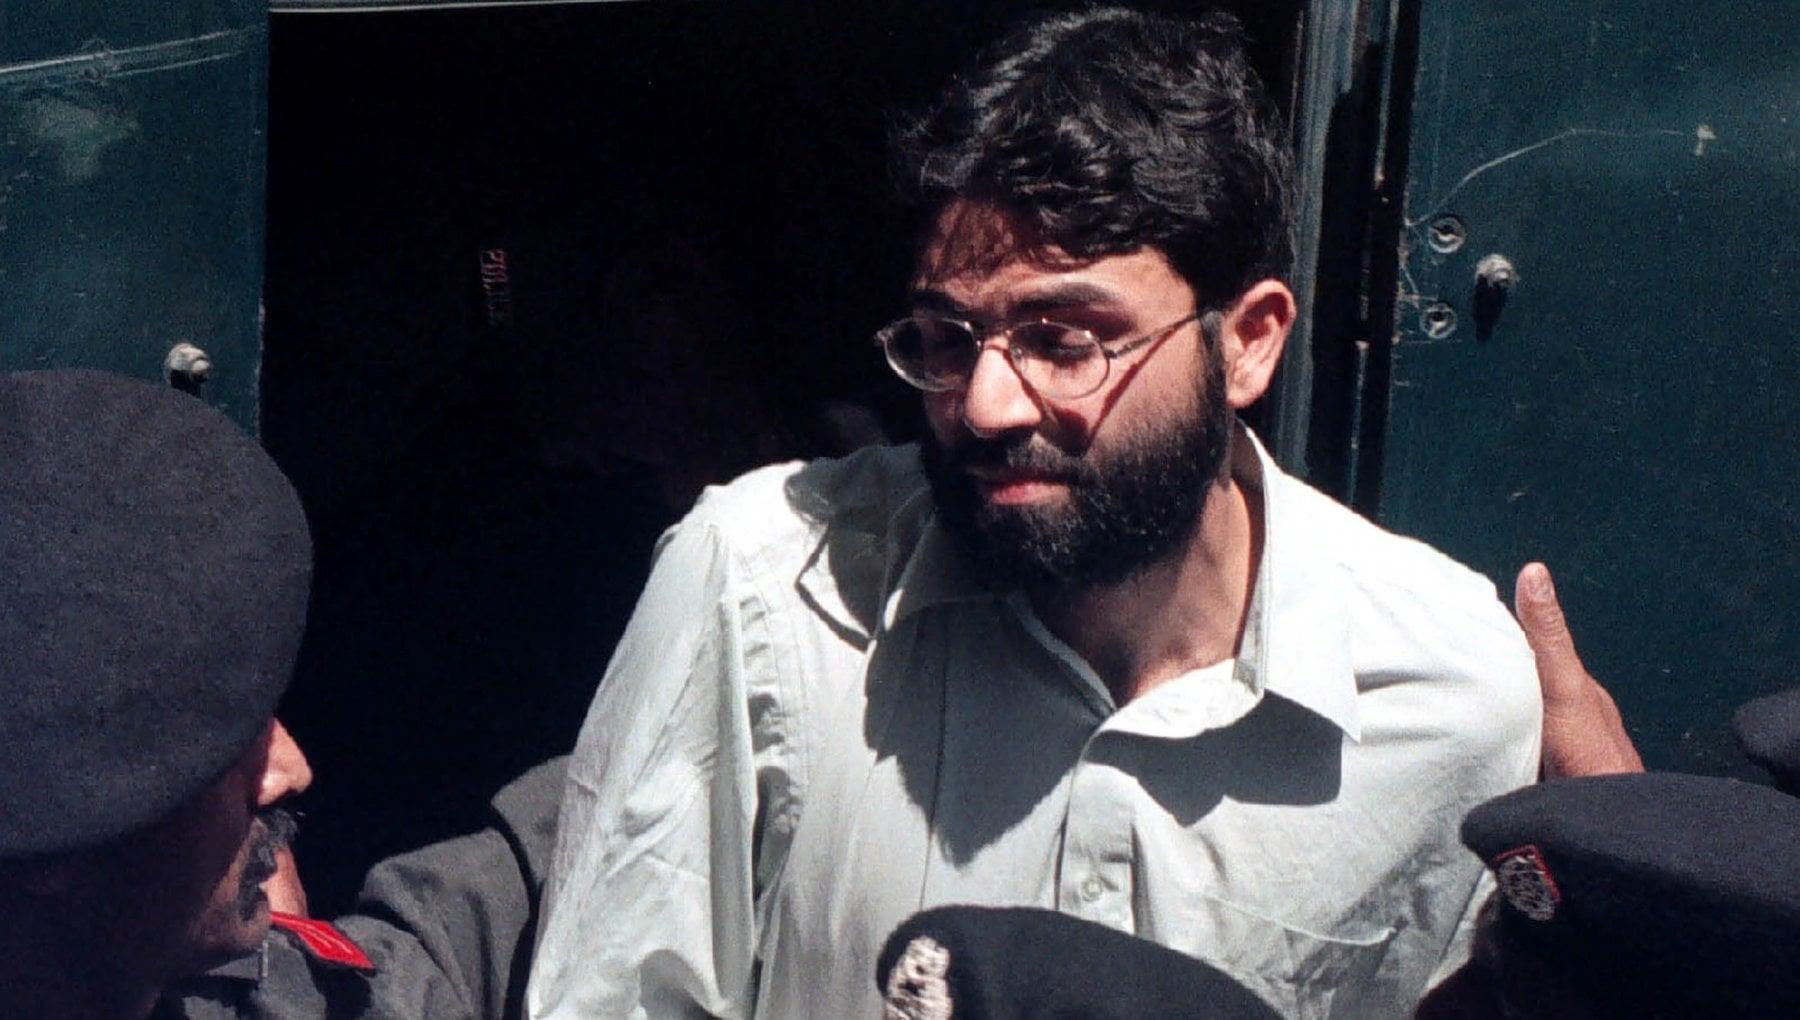 210916422 f814793b 8037 410f 8dd9 dac151e3e343 - I misteri del caso Pearl, il Pakistan libera il carnefice del reporter